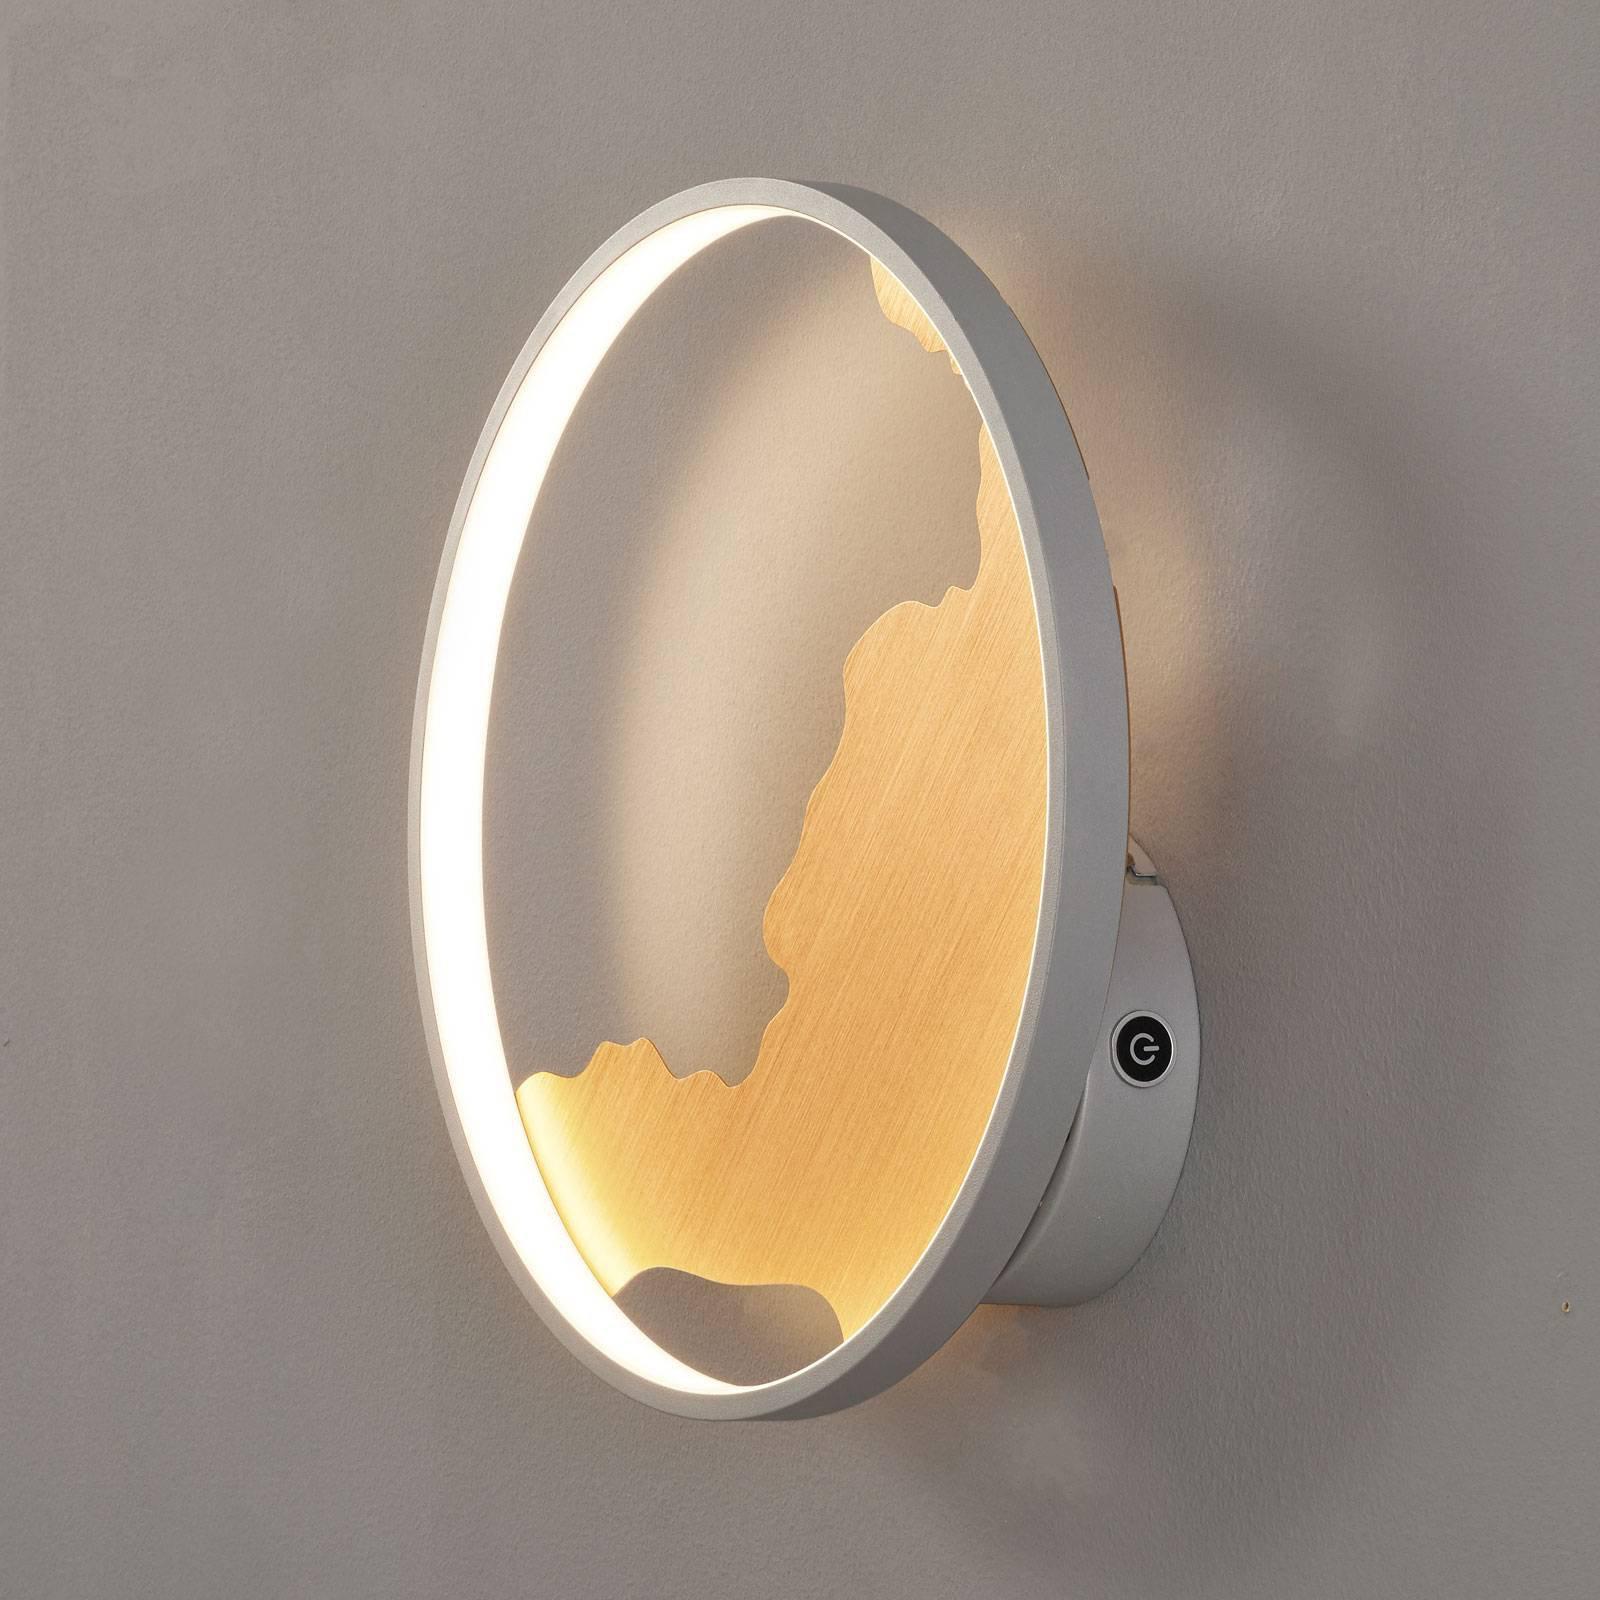 LED-vegglampe Modesto med gulldekorasjon